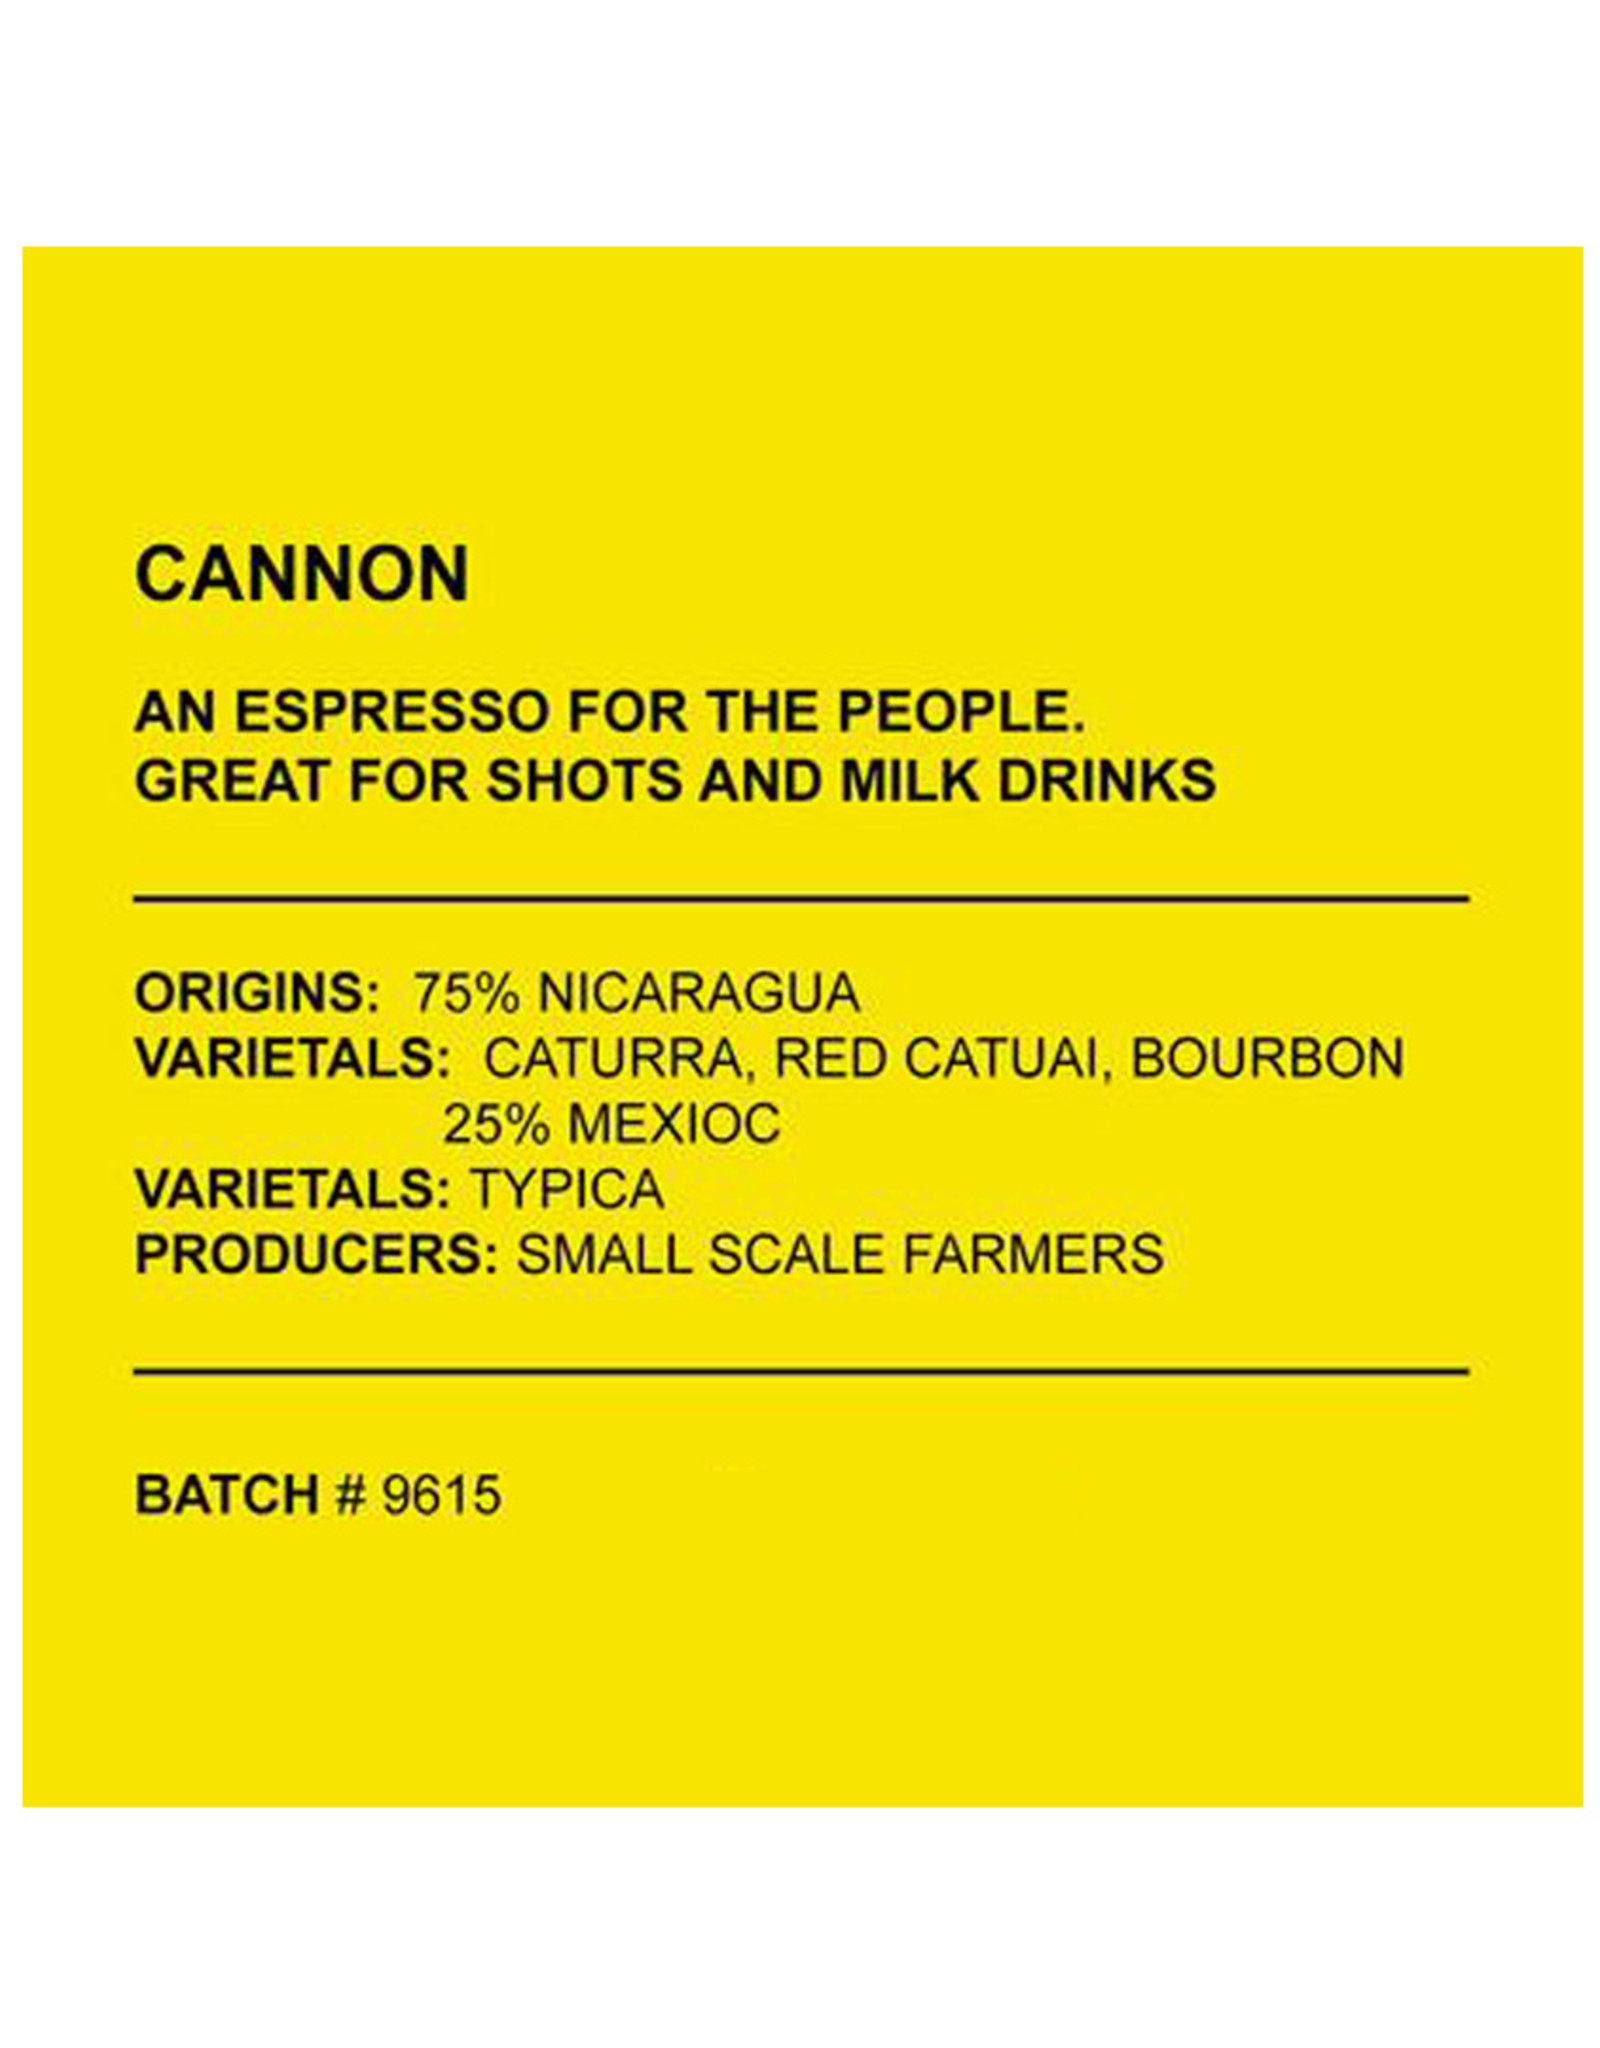 Café Anchored - Cannon - Espresso - 340g